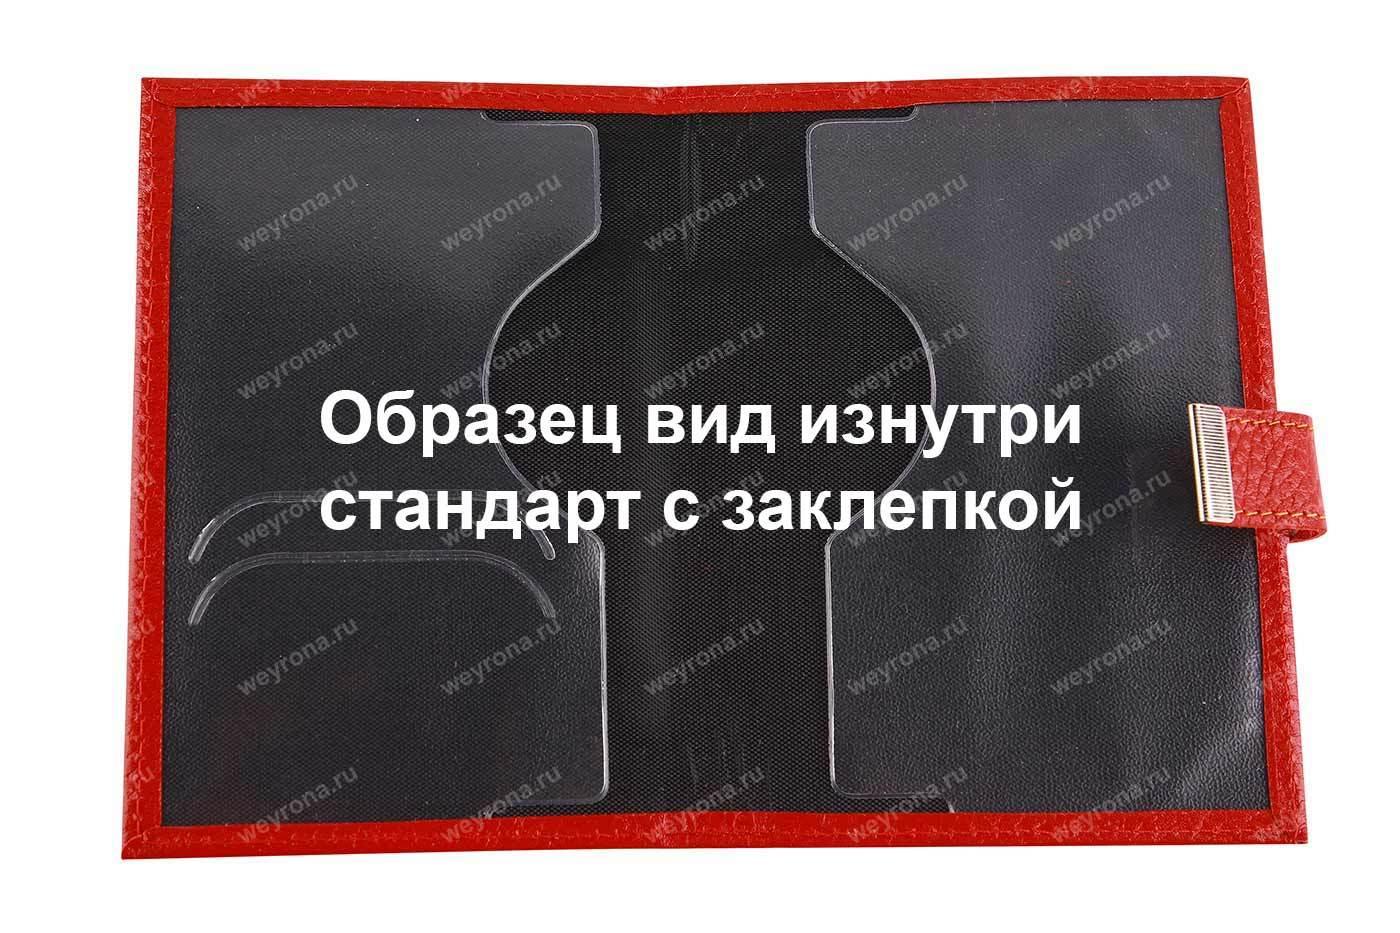 Обложка с заклепкой ФЛОТЕР ЭЛЕКТРО (ТЕЛЯЧЬЯ КОЖА)